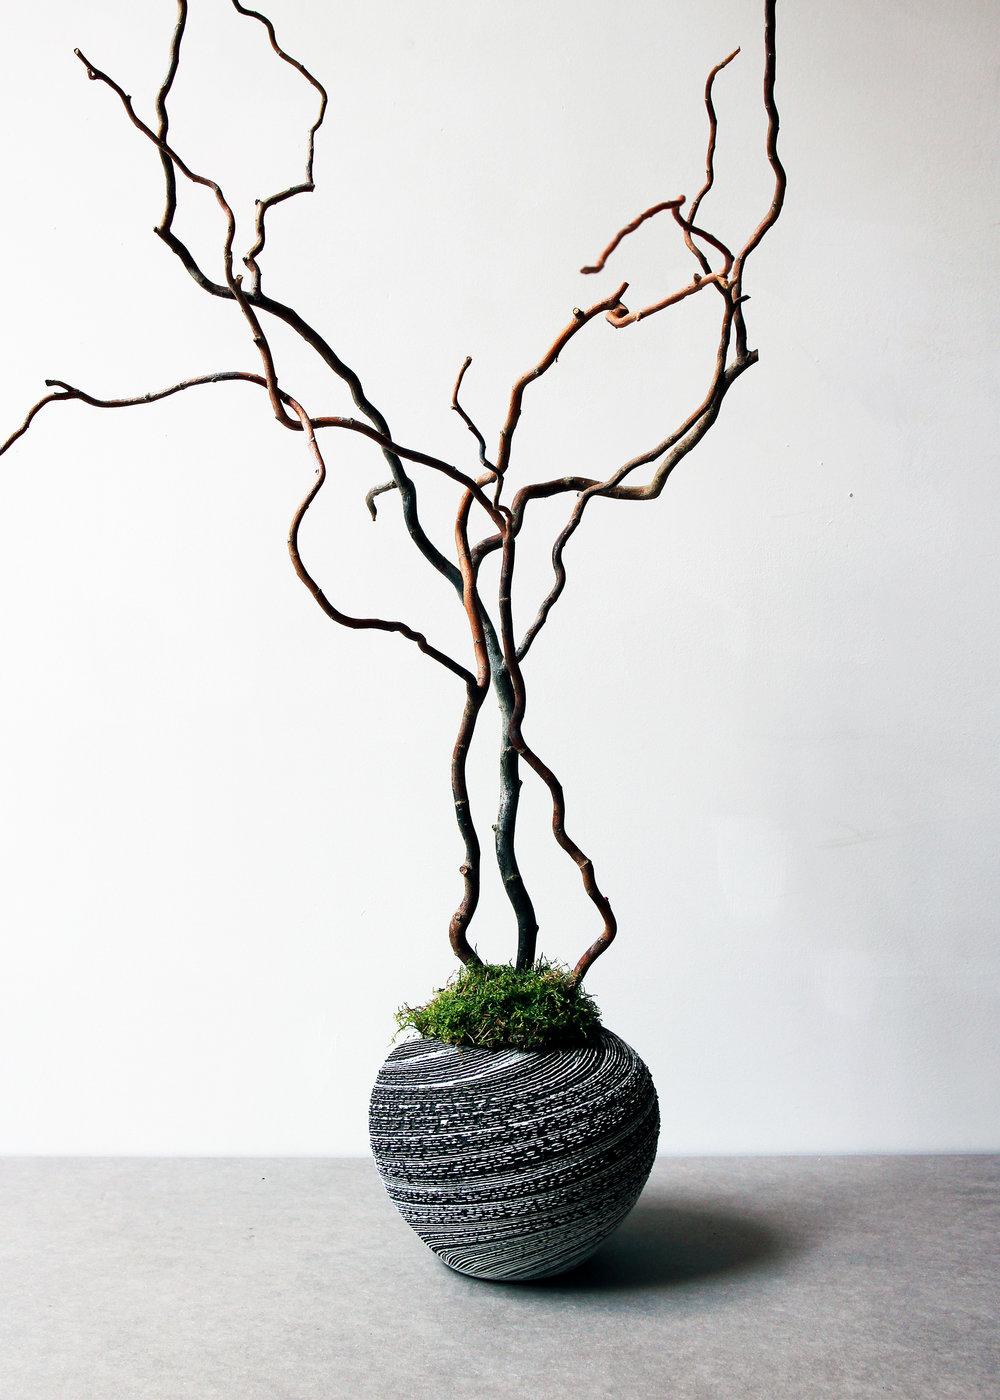 Spiral Vase  英国 UK, 2017